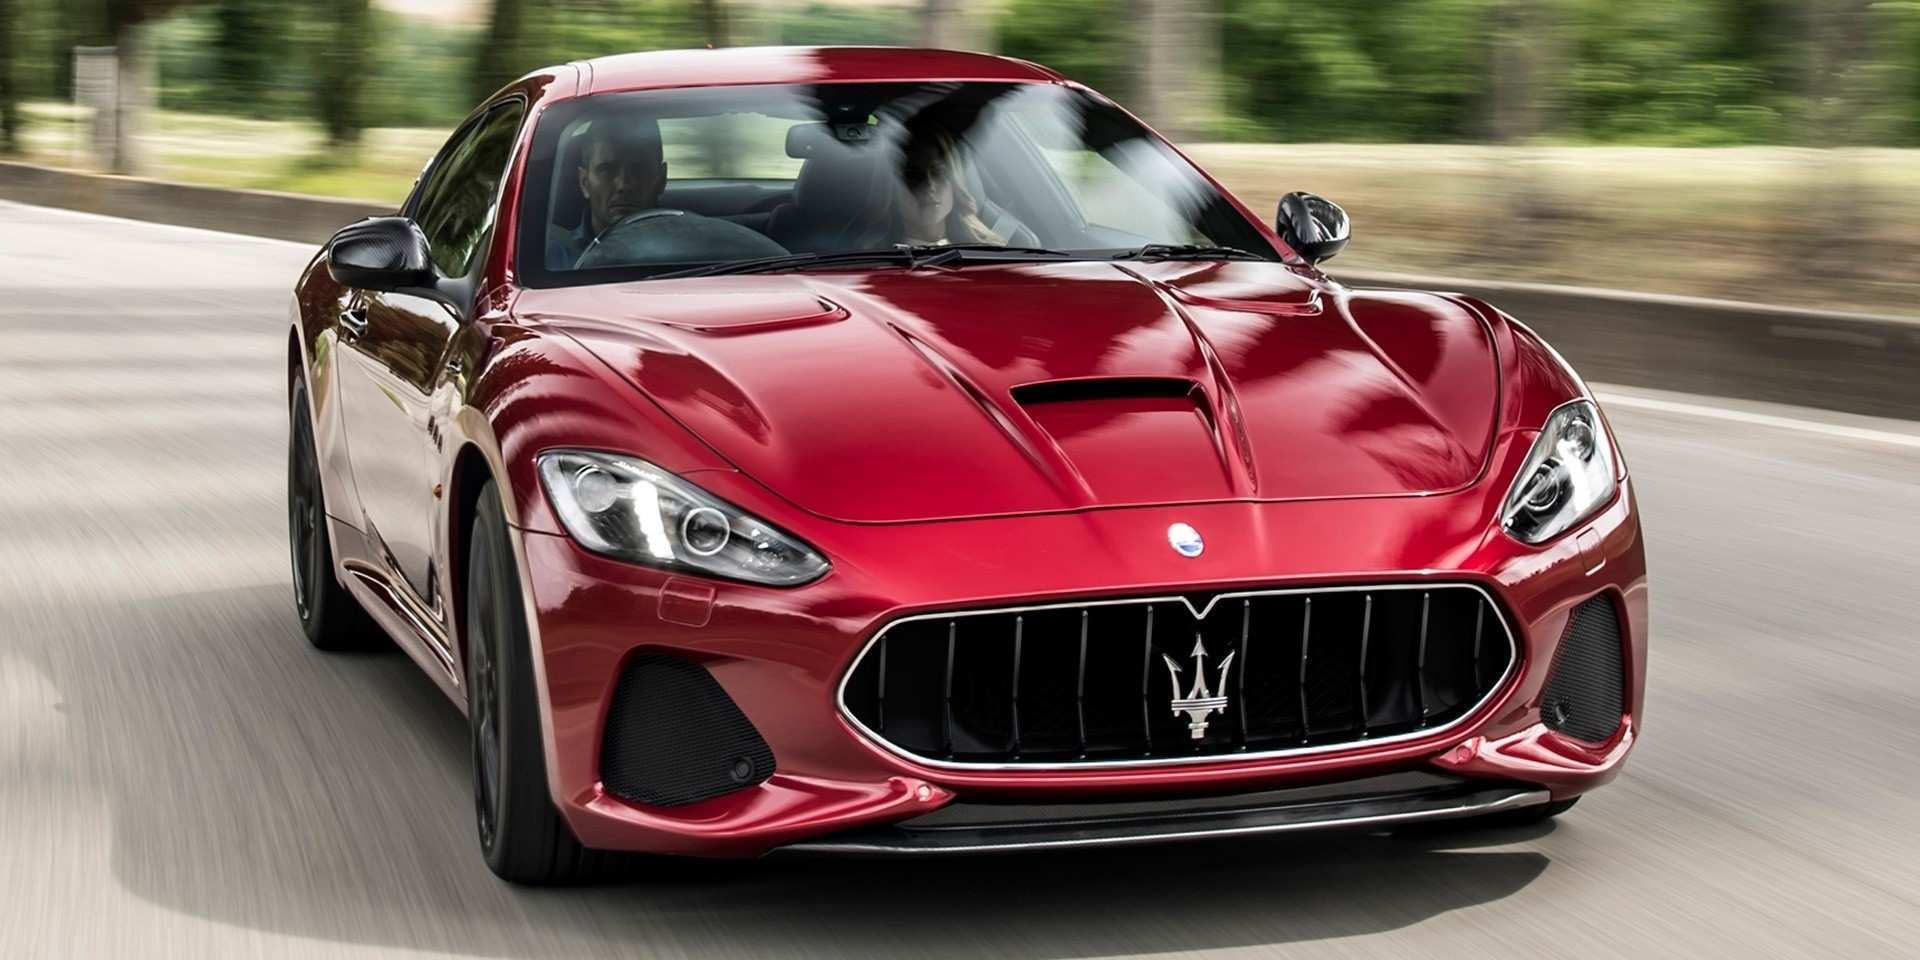 18 Gallery of 2019 Maserati Alfieri Cabrio History for 2019 Maserati Alfieri Cabrio